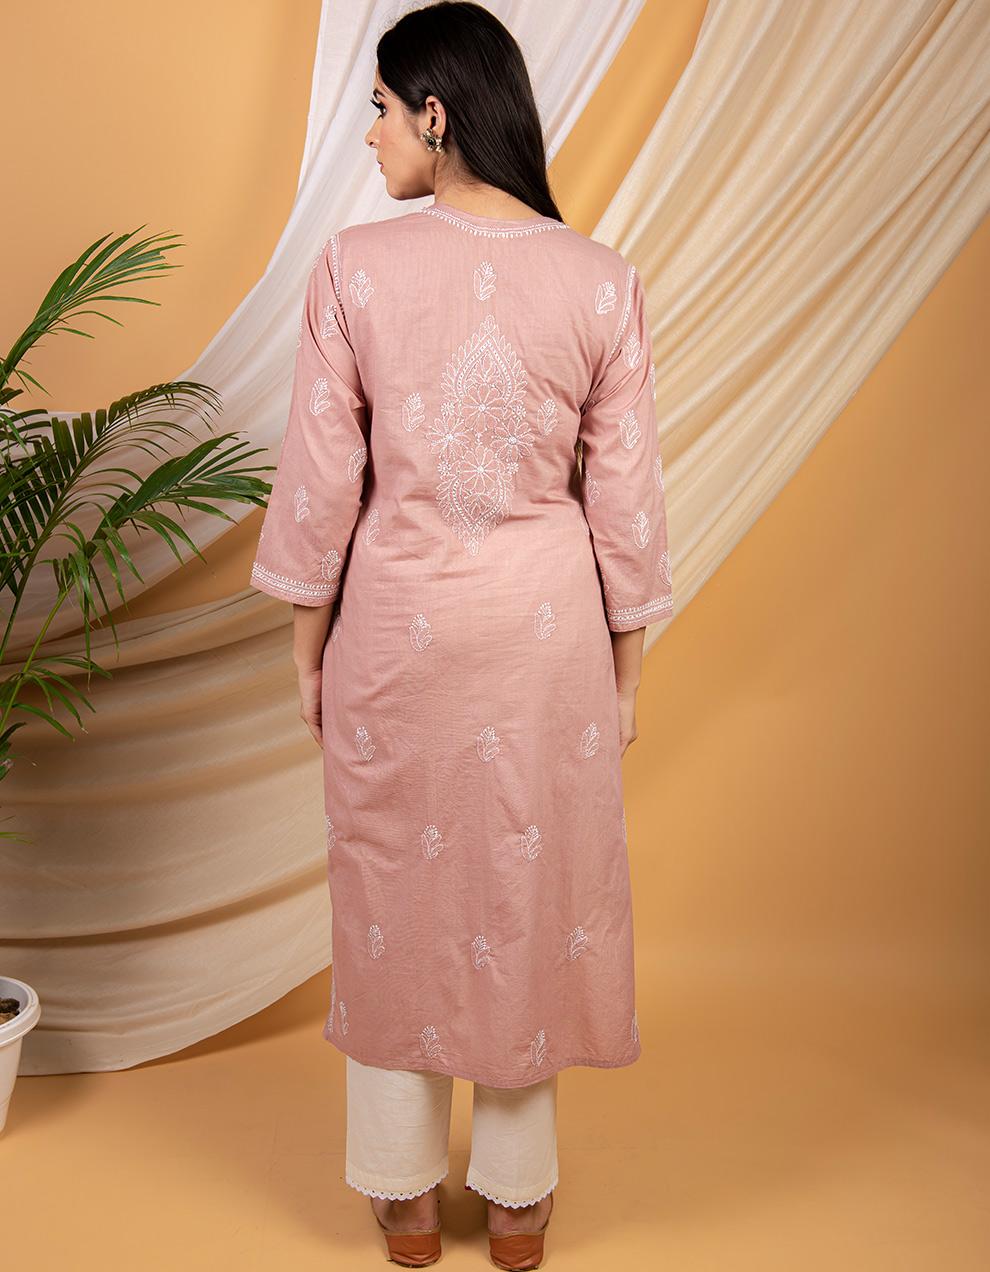 Fiza Dusty pink chikankari cotton kurta with white pants- Set of 2